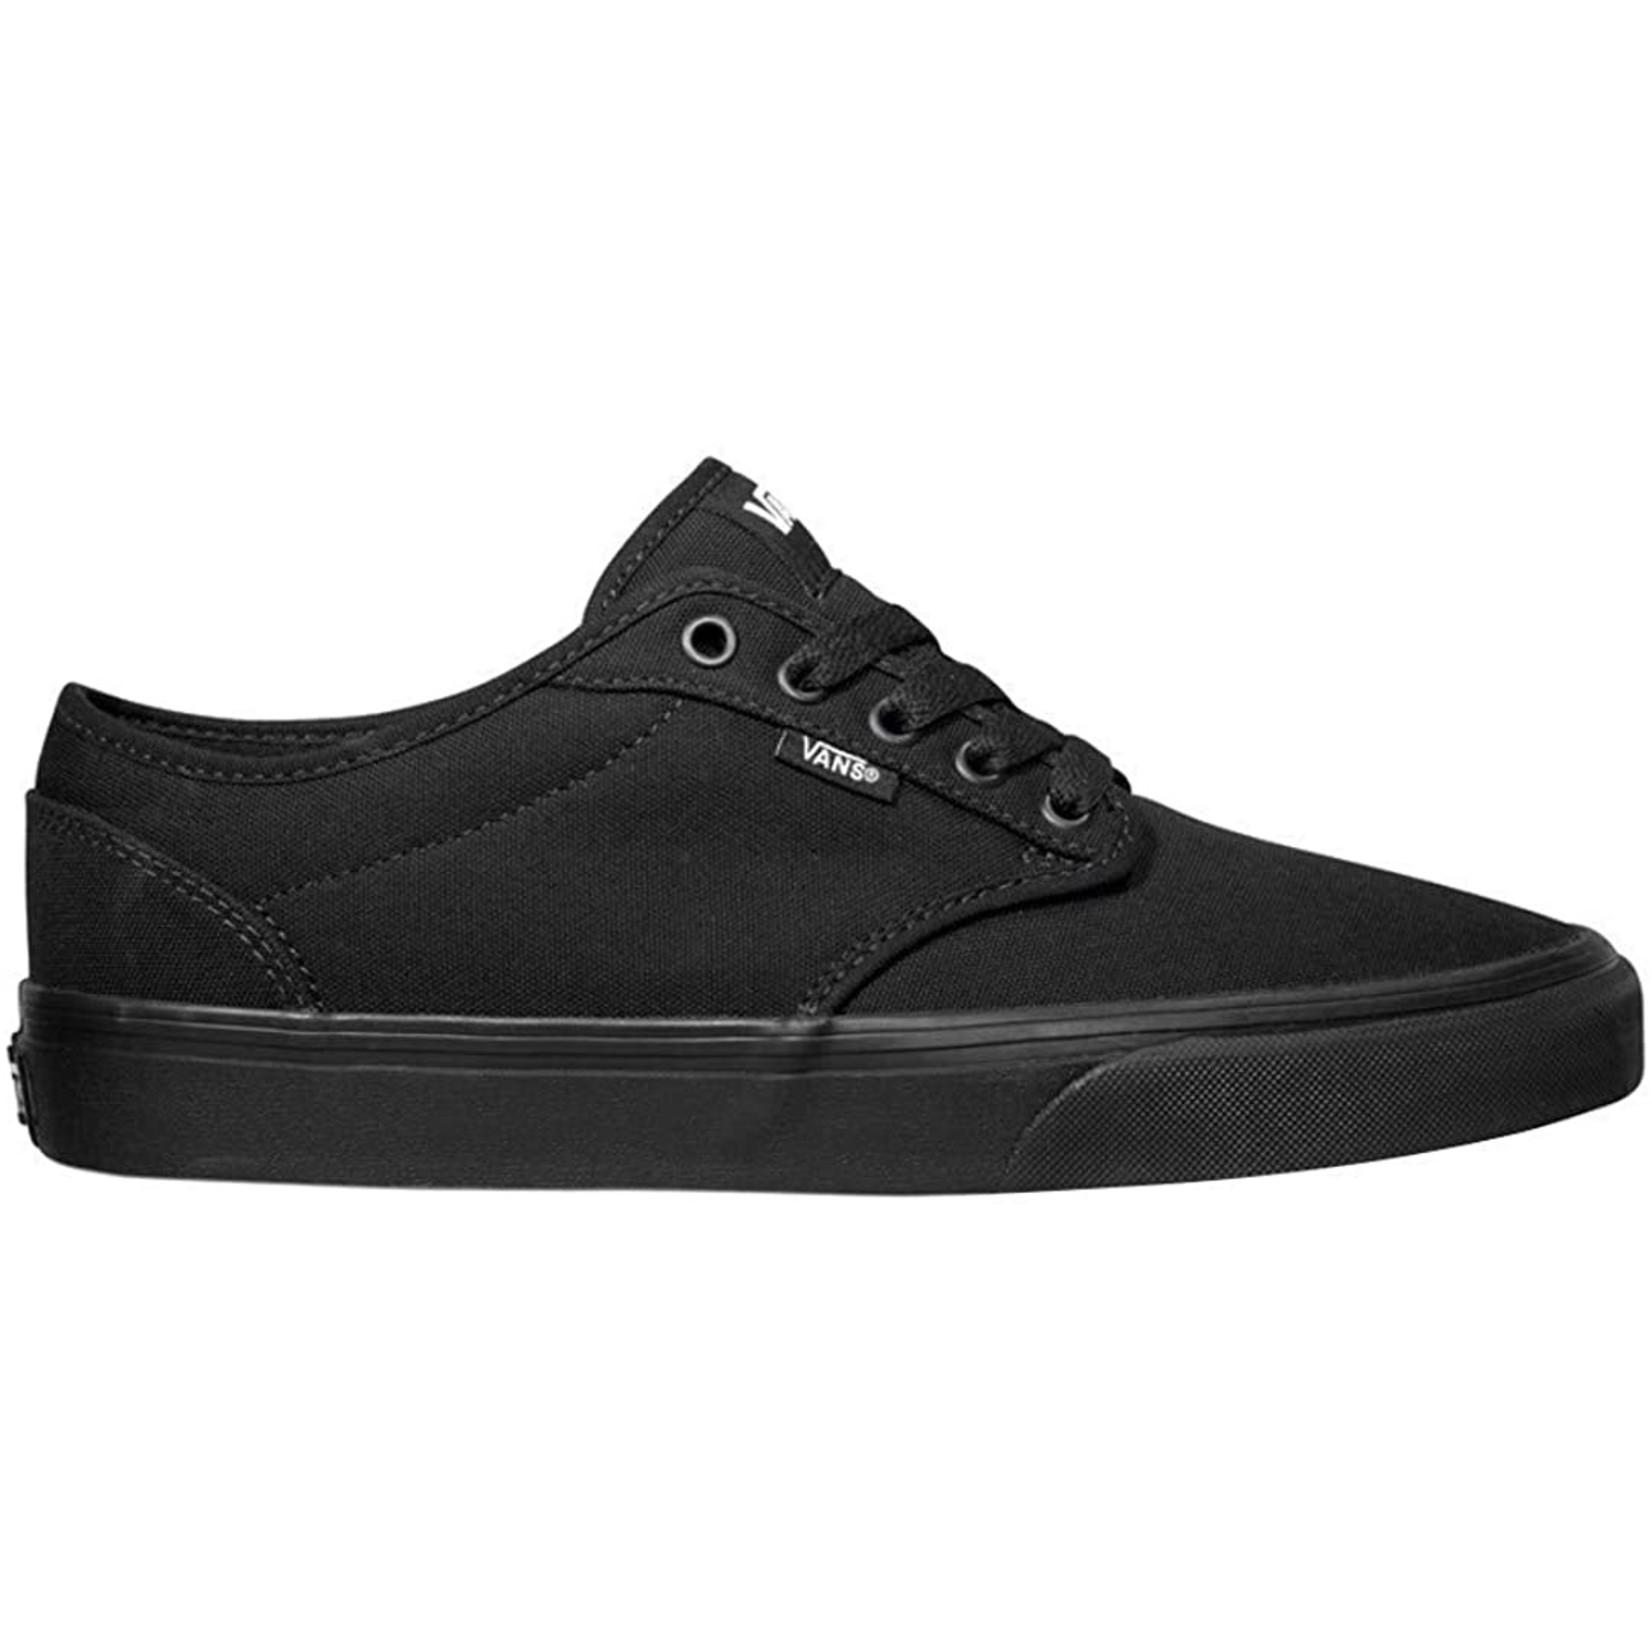 Vans Vans Skate Shoes, Atwood, Mens